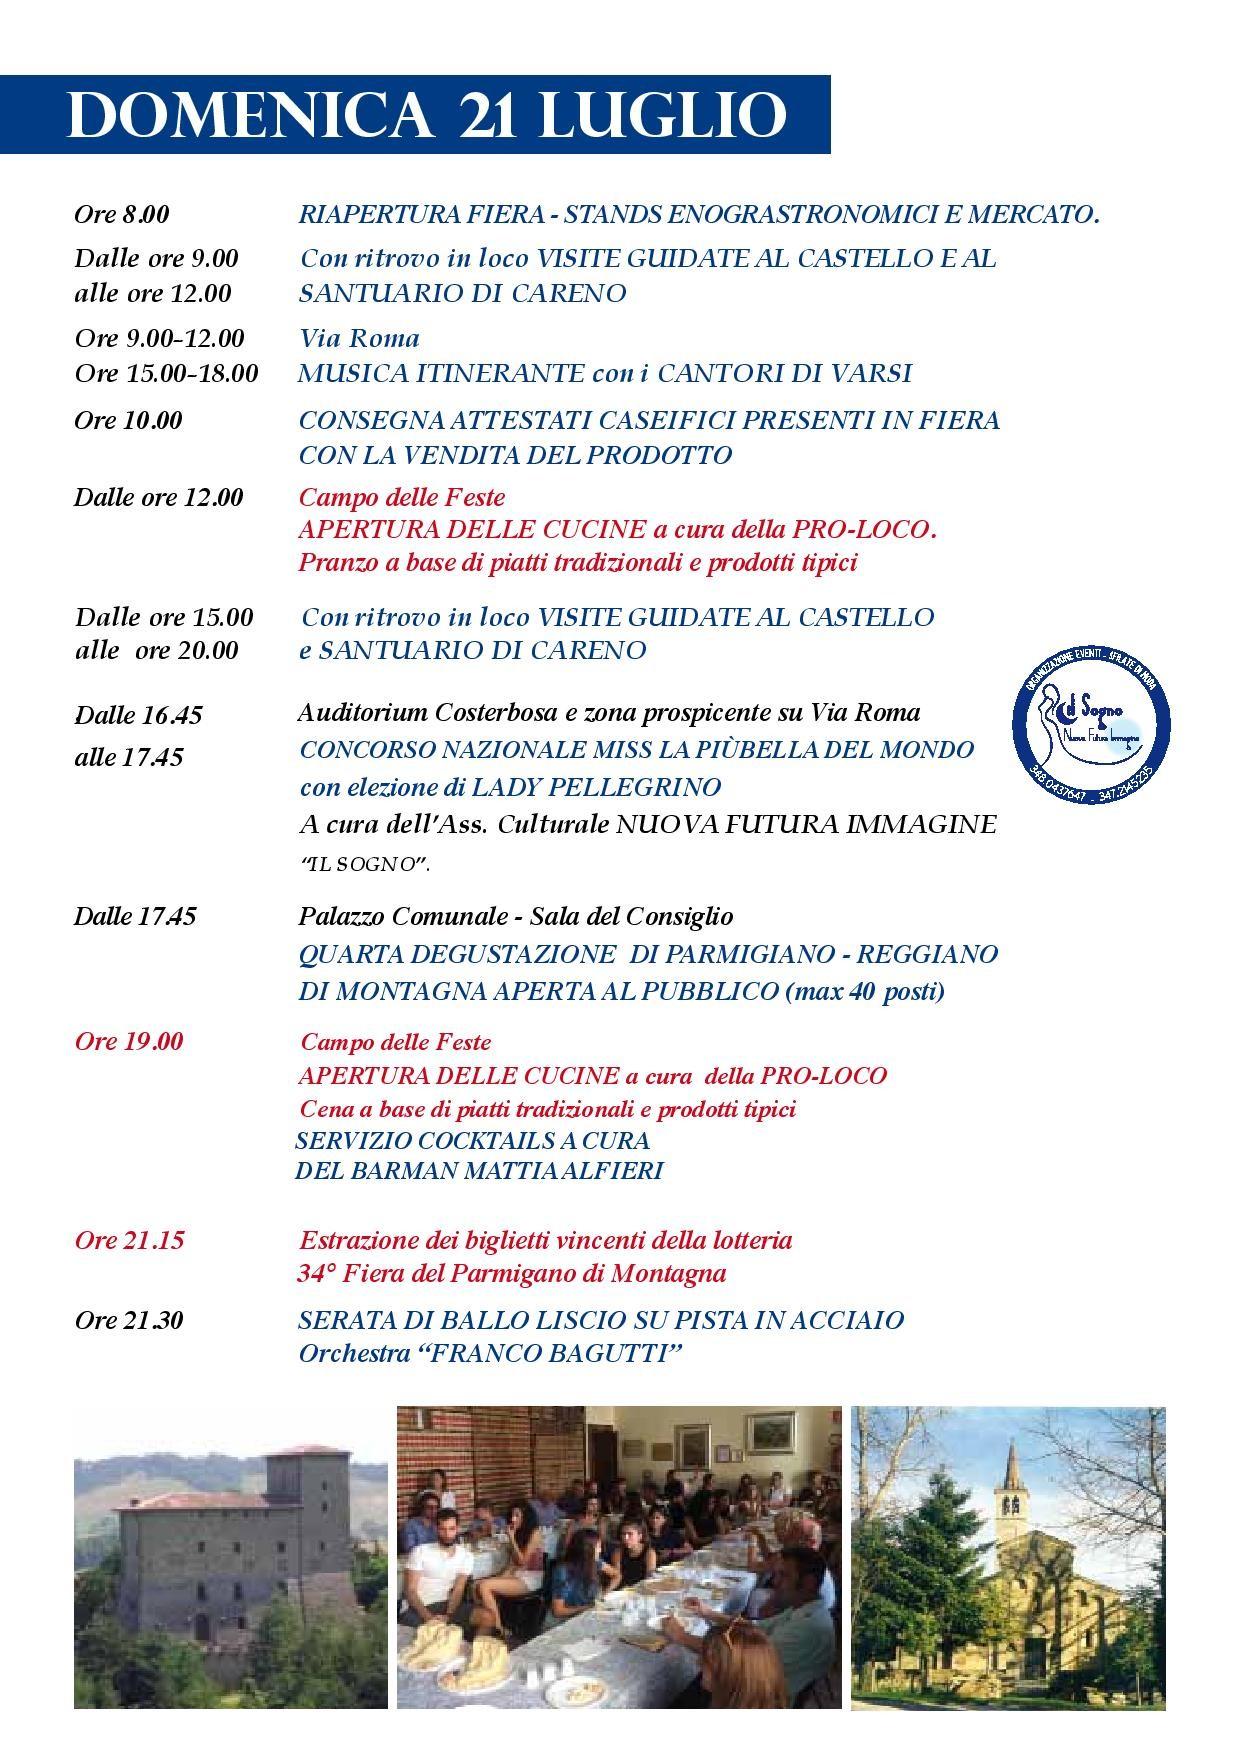 Fiera del Parmigiano Reggiano di Montagna a Pellegrino Parmense, programma del 21 luglio